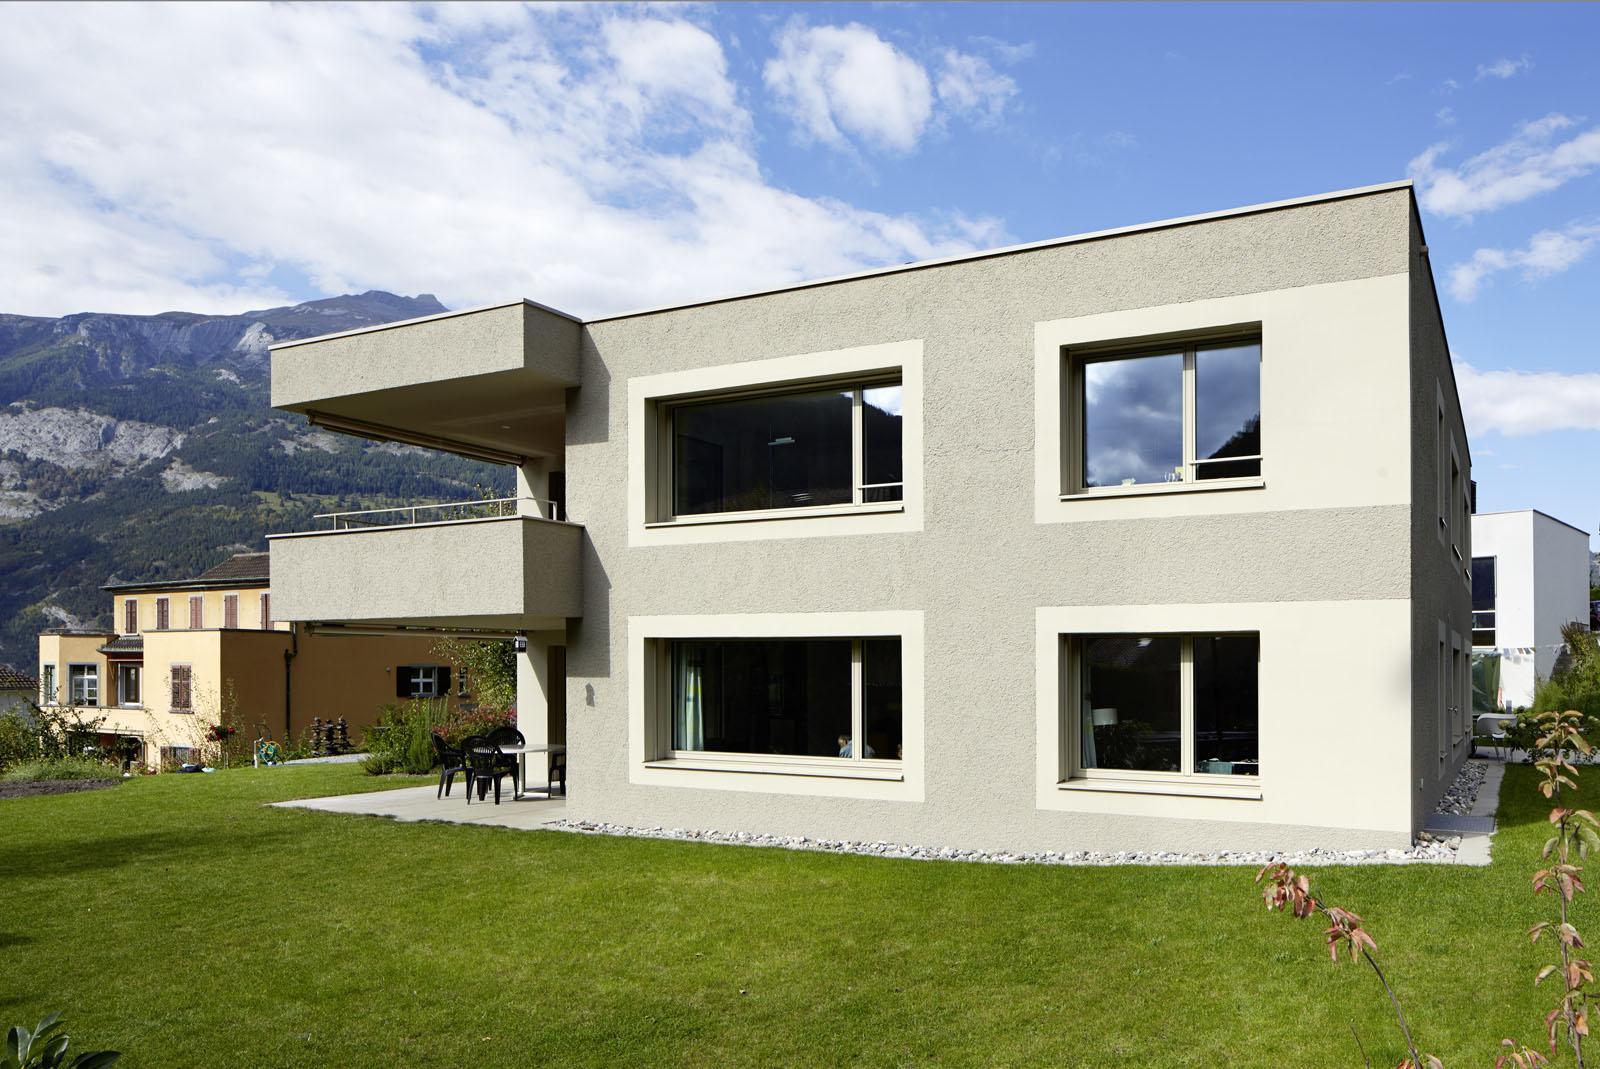 neubau wohnhaus sds schwander sutter architekten. Black Bedroom Furniture Sets. Home Design Ideas